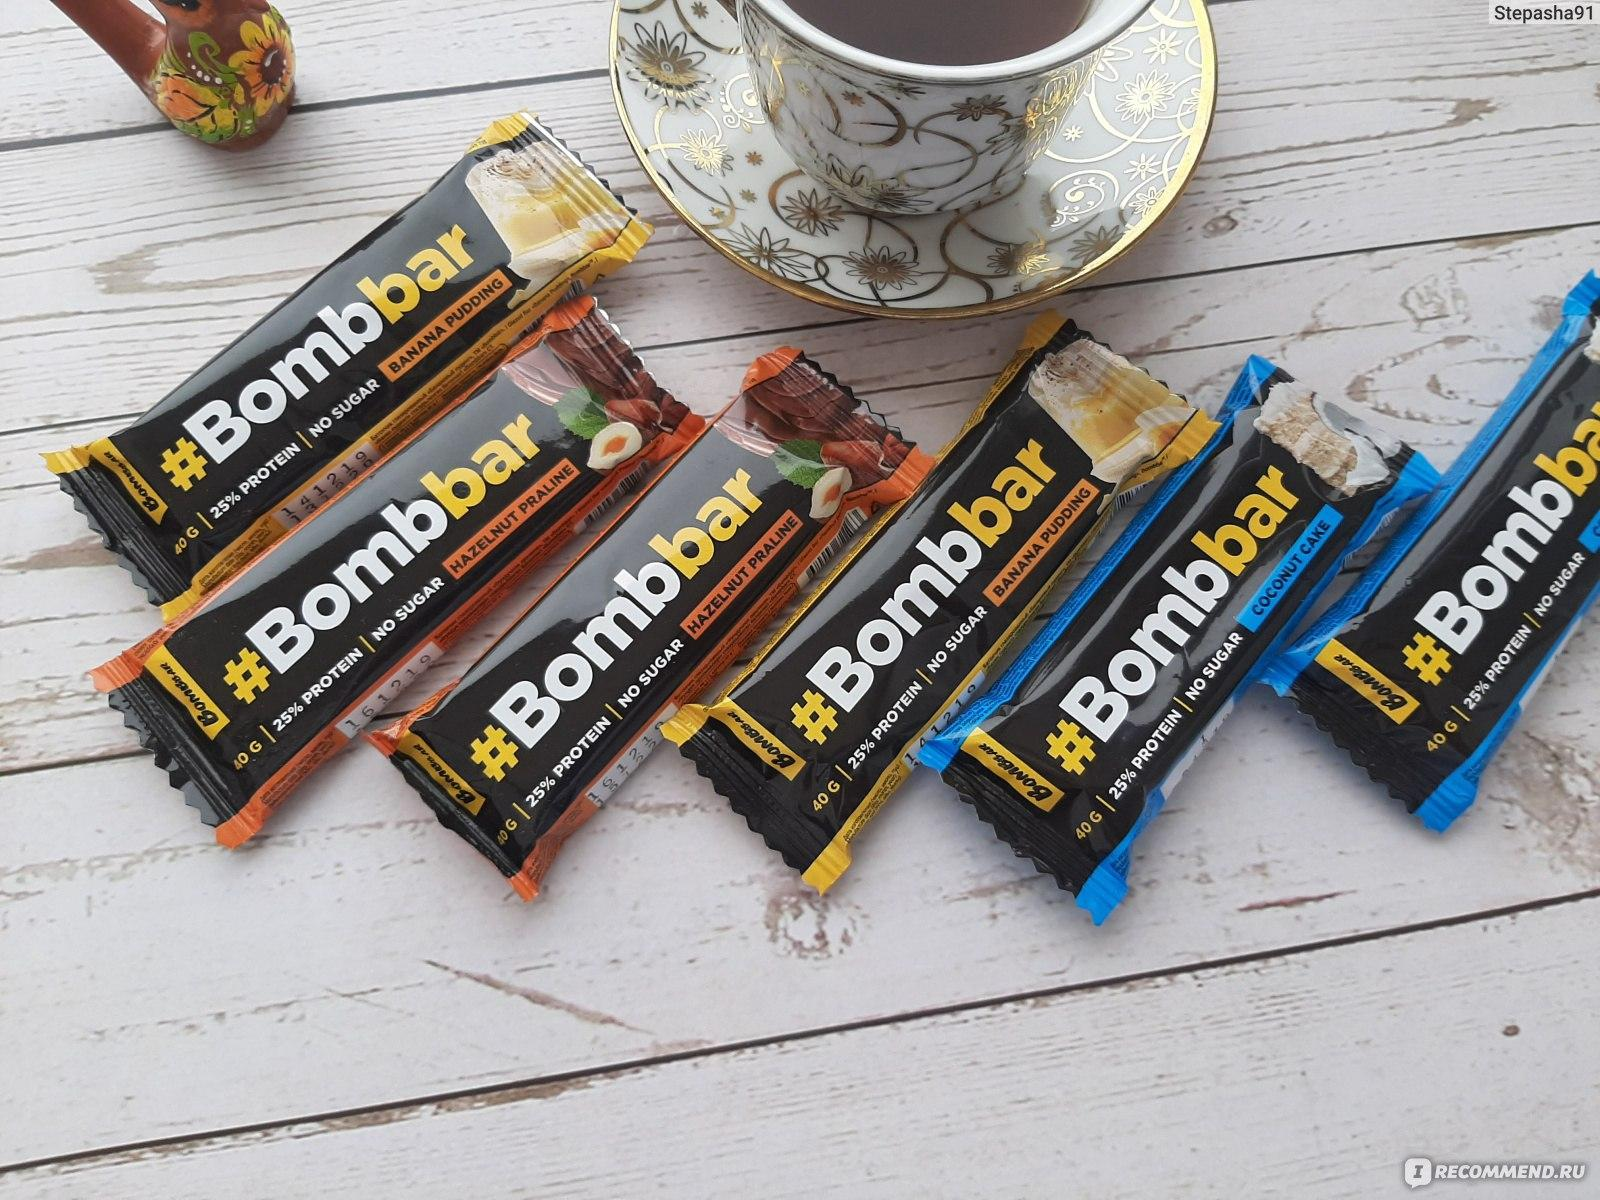 Bombbar (протеиновый батончик): состав, вкус, время приема